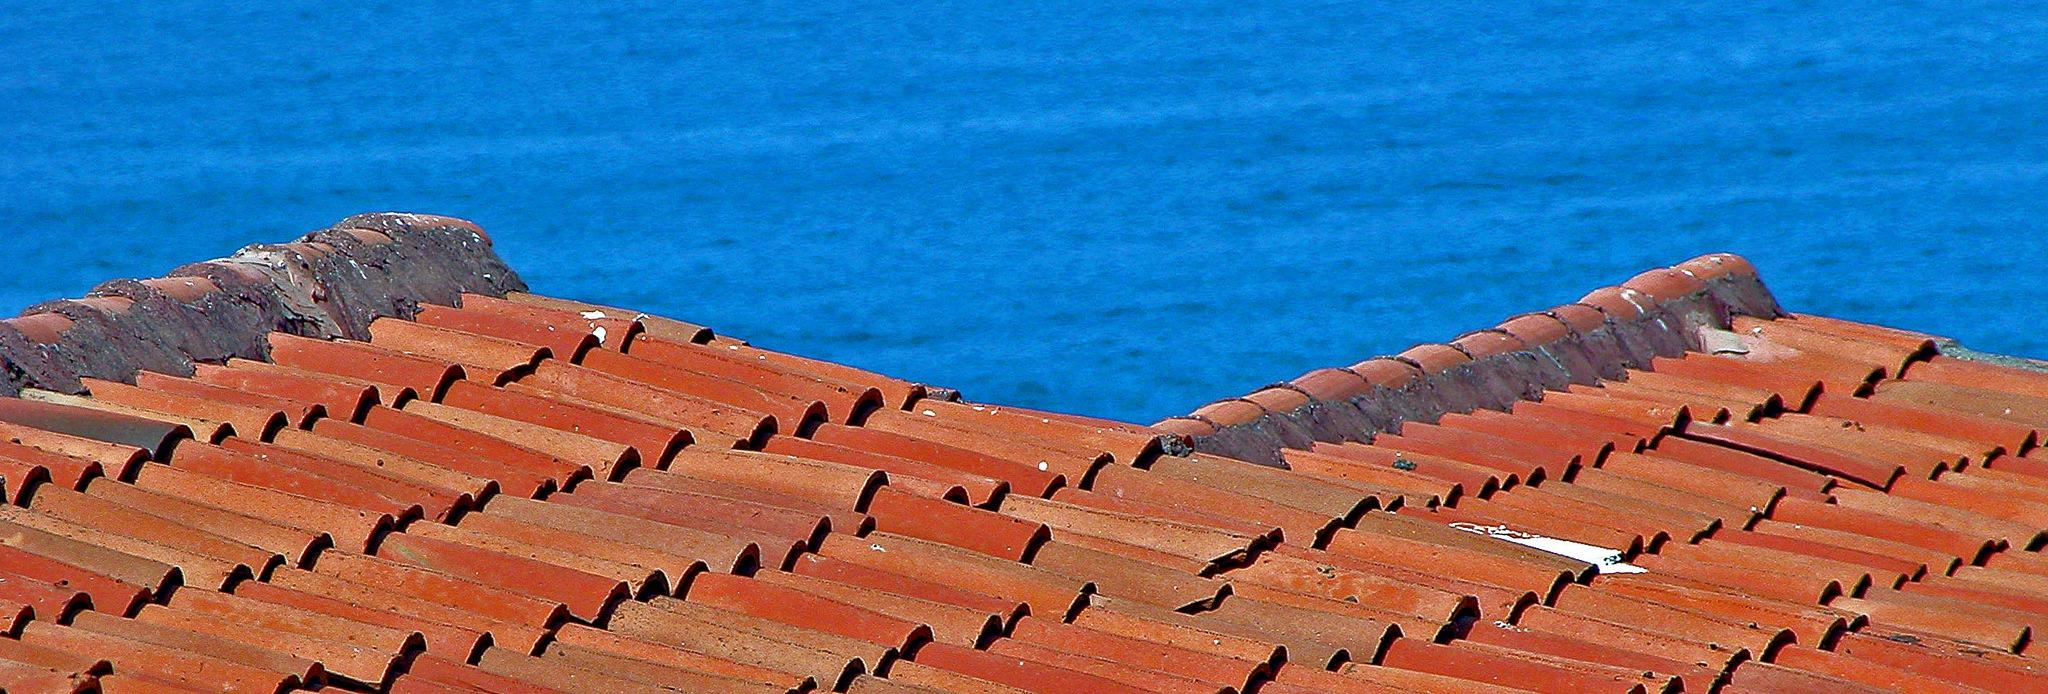 Roofs by MSchirmann